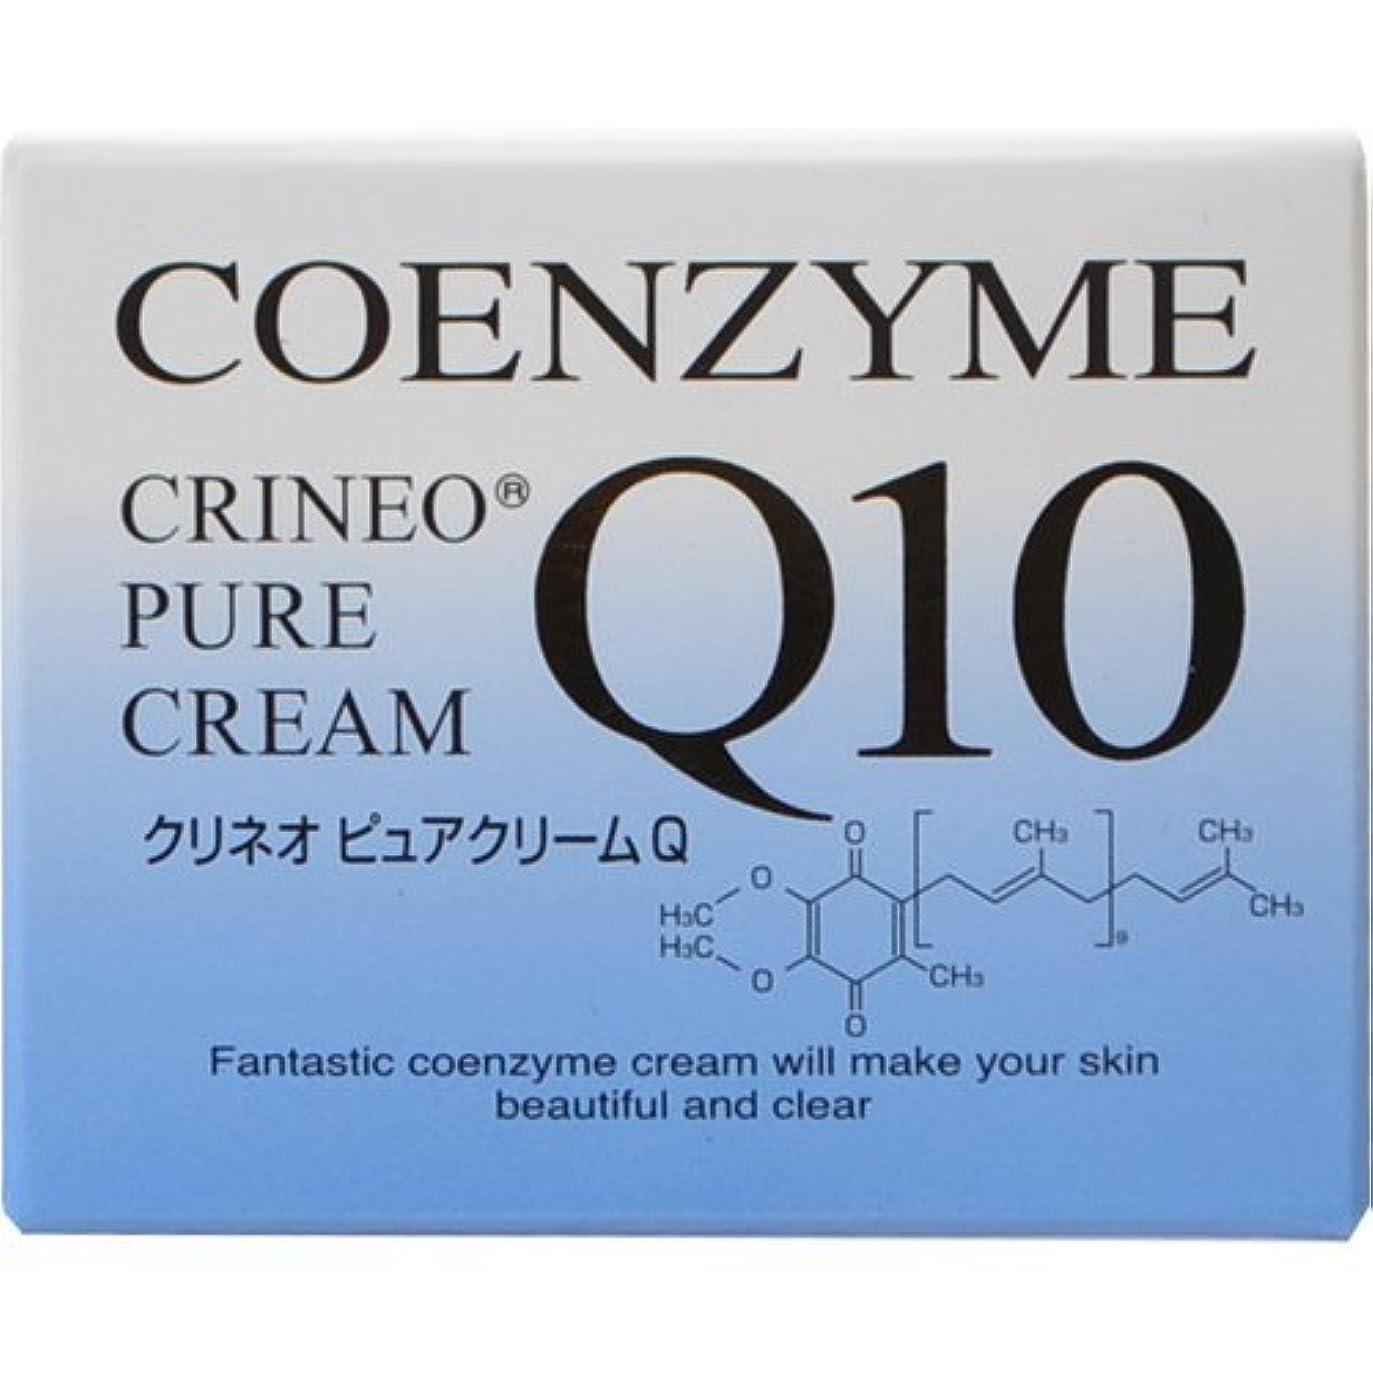 マキシムラショナルバストクリネオ ピュアクリームQ コエンザイムQ10を配合した浸透型の保湿クリーム